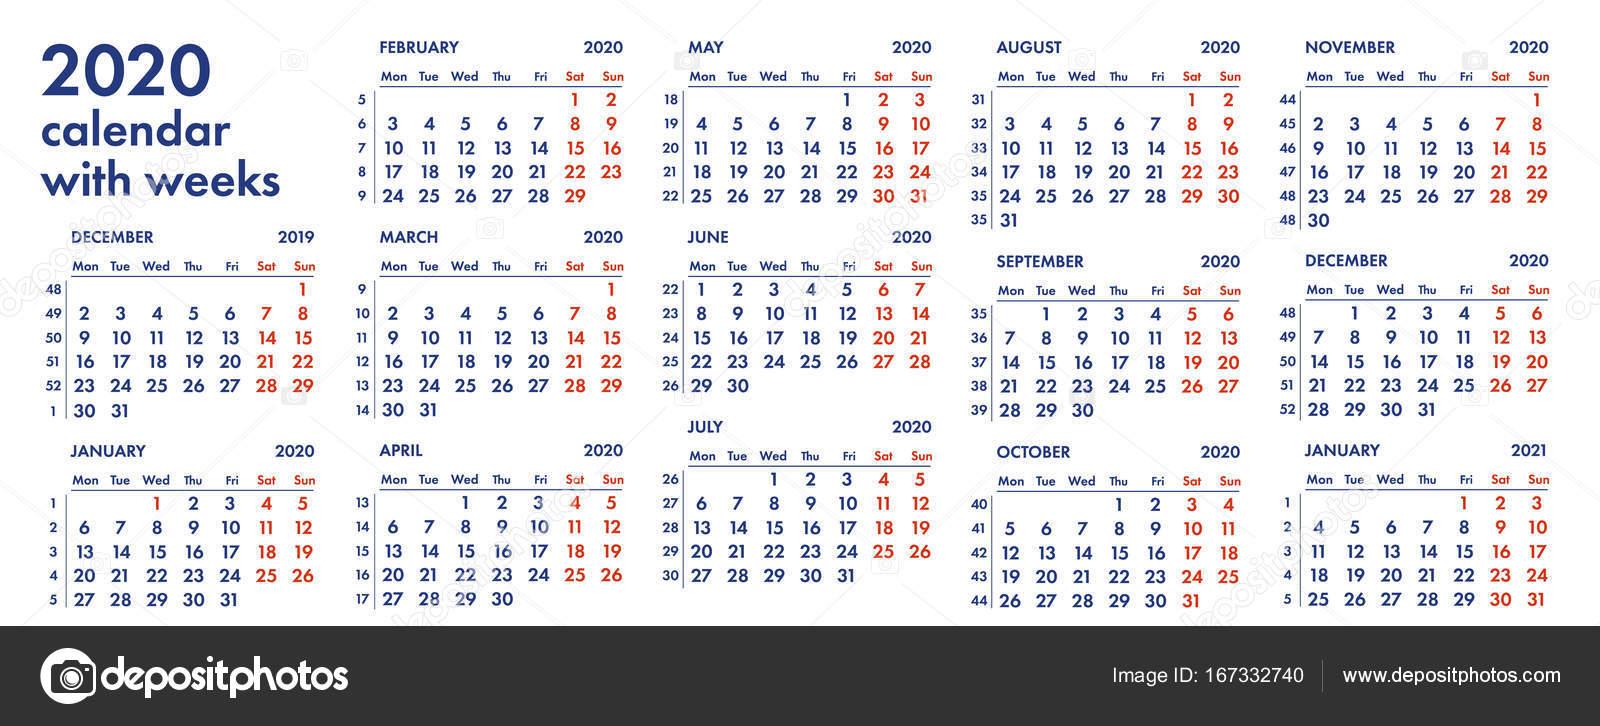 Calendario Por Semanas 2020.Calendario 2020 Semana Interet Apteka Kupit Viagru Sialis